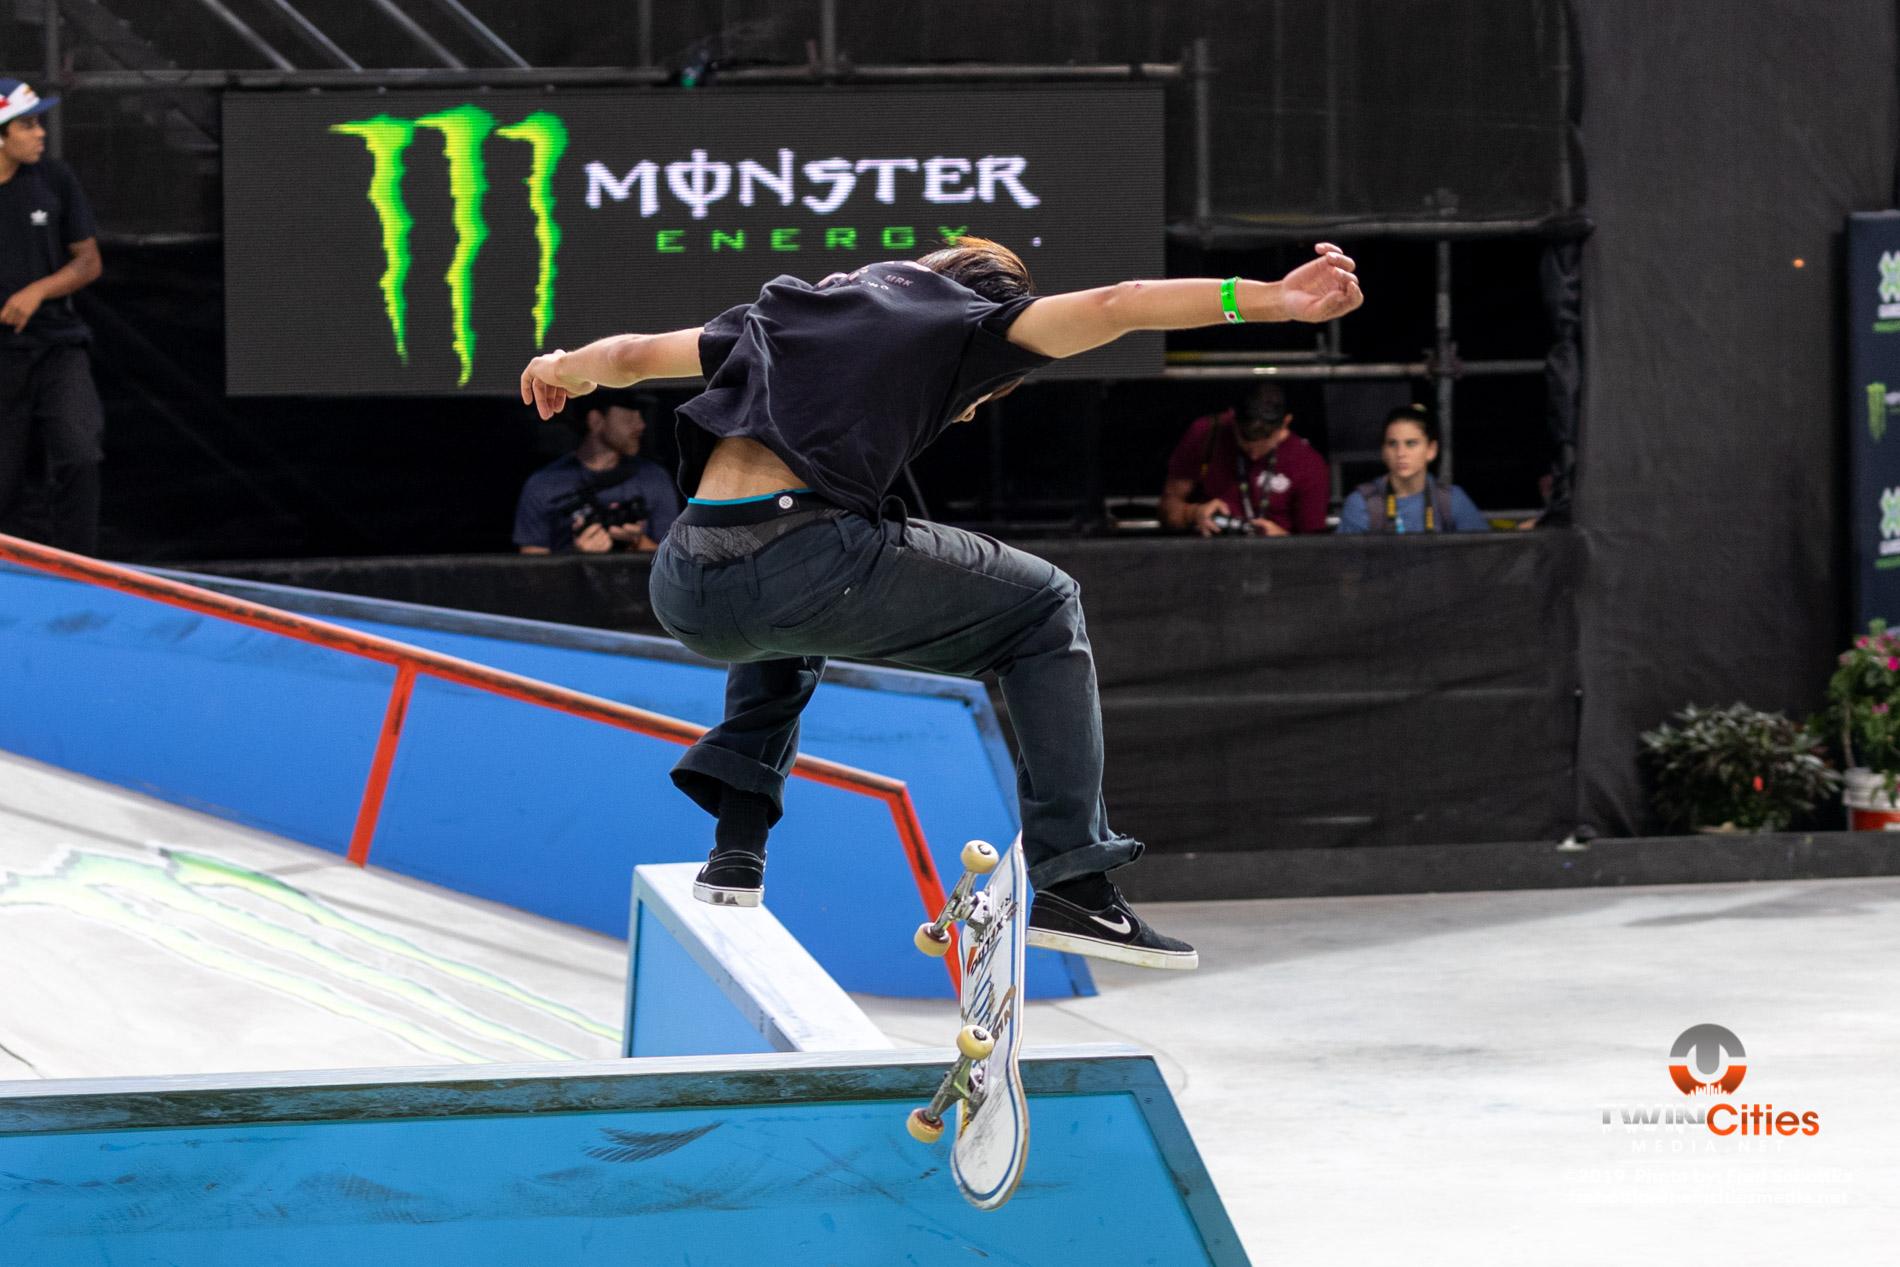 Monster-Energy-Mens-Skateboard-Street-Elimination-03